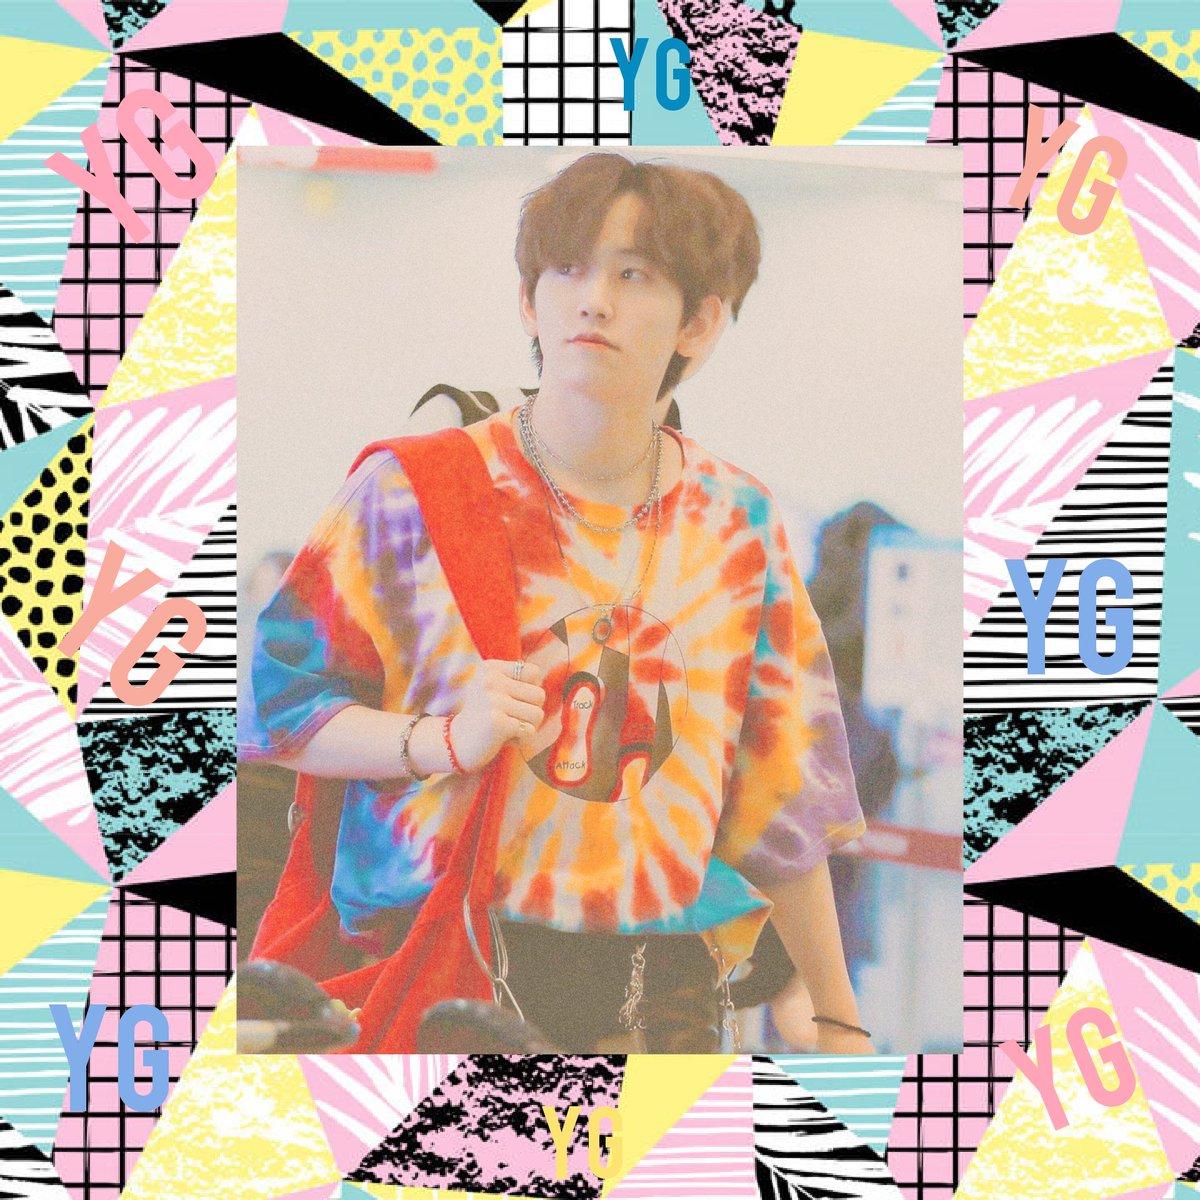 Lively Mashiho #mashiho #TREASURE13 #yg #yge #ygentertainment #cute #sexy #boyband  #kpop #music #japanese #lovely #handsome #hotboy #treasure #idol #singer